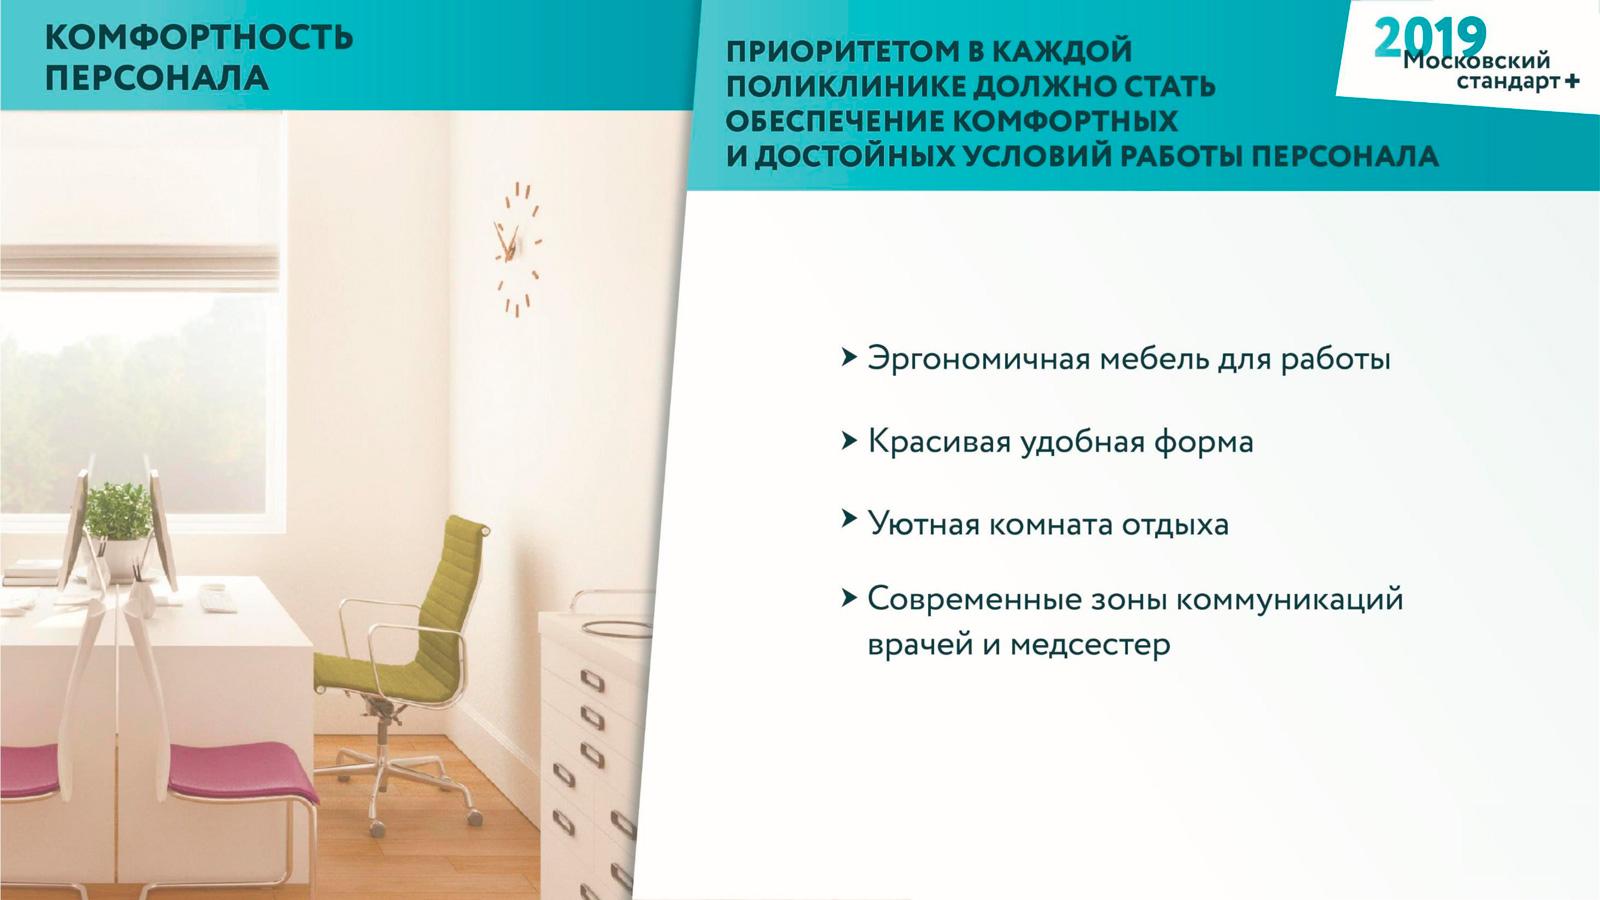 Блог Сергея Собянина. Поликлиники. «Московский стандарт+» - фото 3